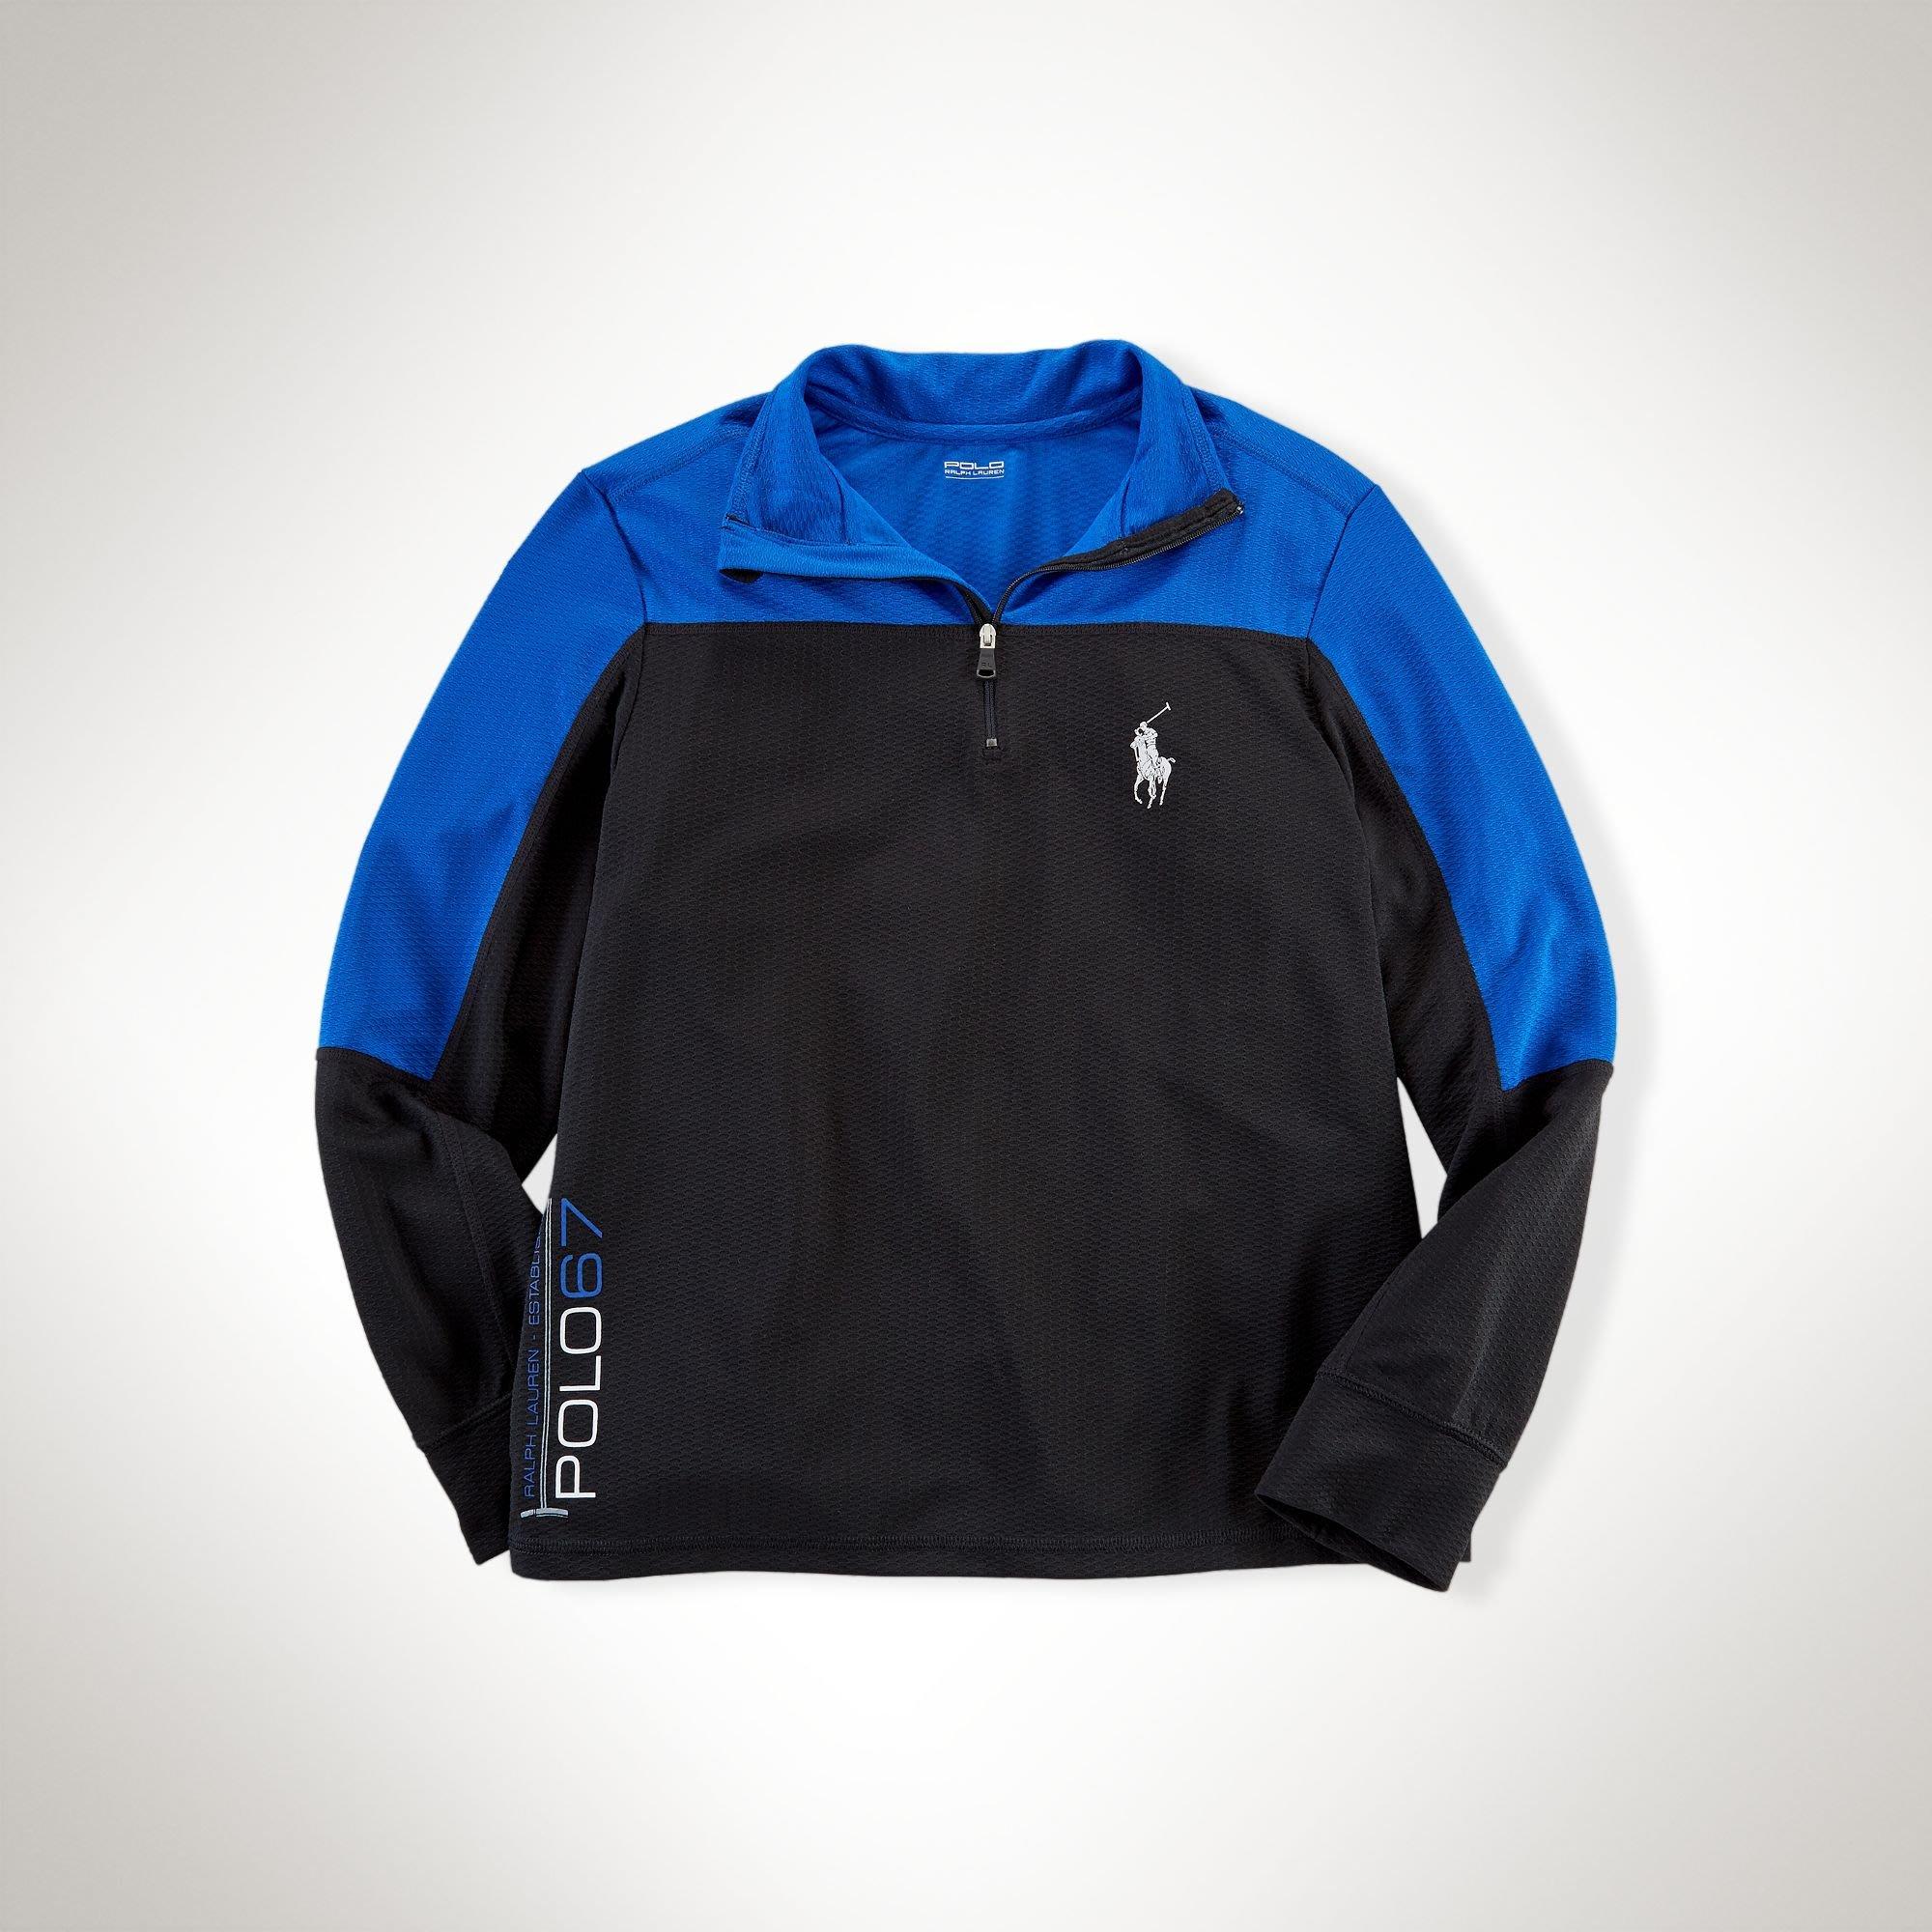 二手美國 Polo Ralph Lauren 藍黑色拉鍊高領大馬運動上衣 大童M